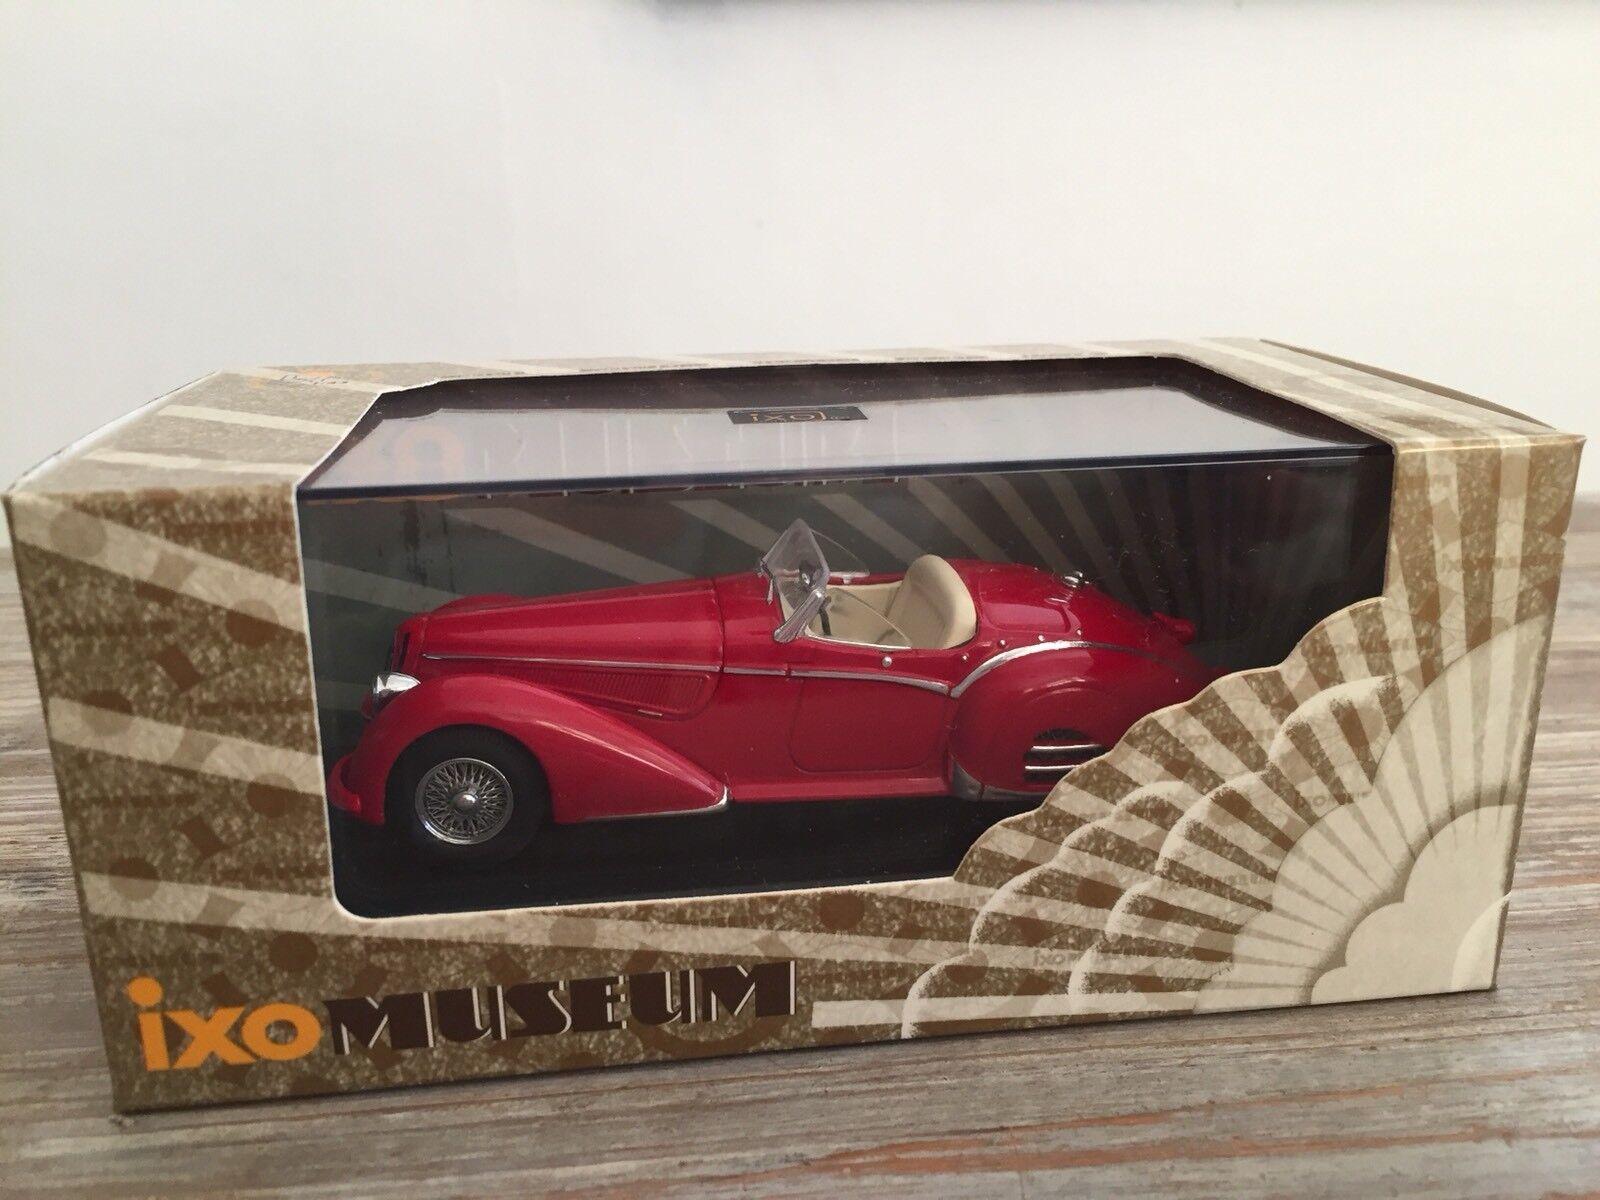 IXO Museum MUS002 - Alfa Romeo 8C 2900B (1938) - Red - 1 43